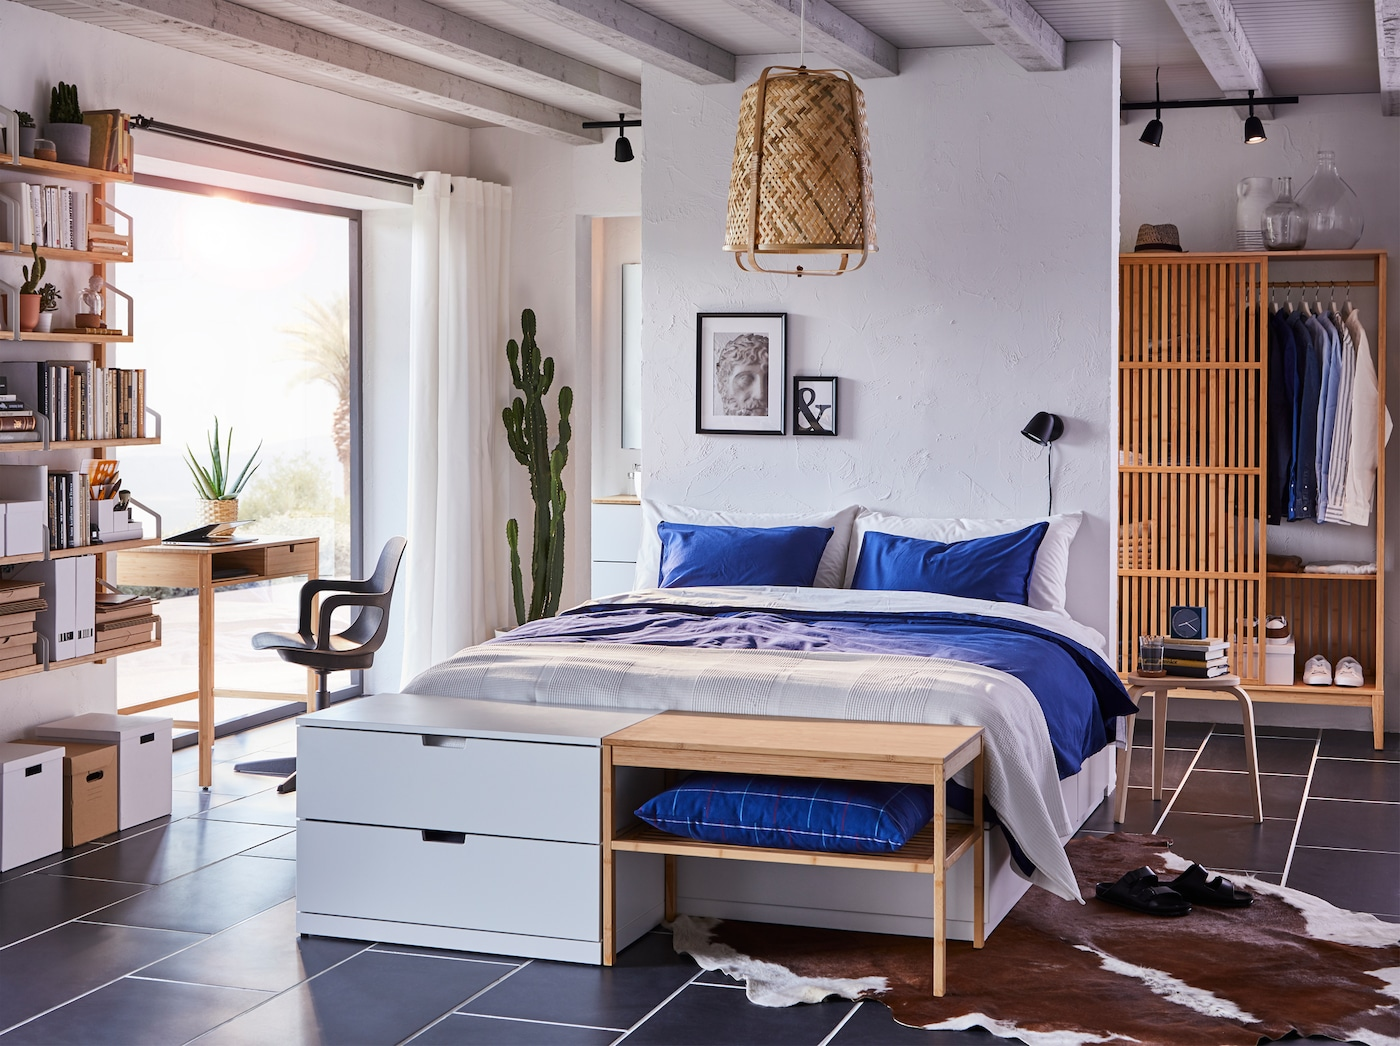 غرفة نوم مع هيكل سرير أبيض، ومنسوجات سرير زرقاء ومصباح معلق، ومكتب، ودولاب ملابس ورفوف من الخيزران الدافئ.